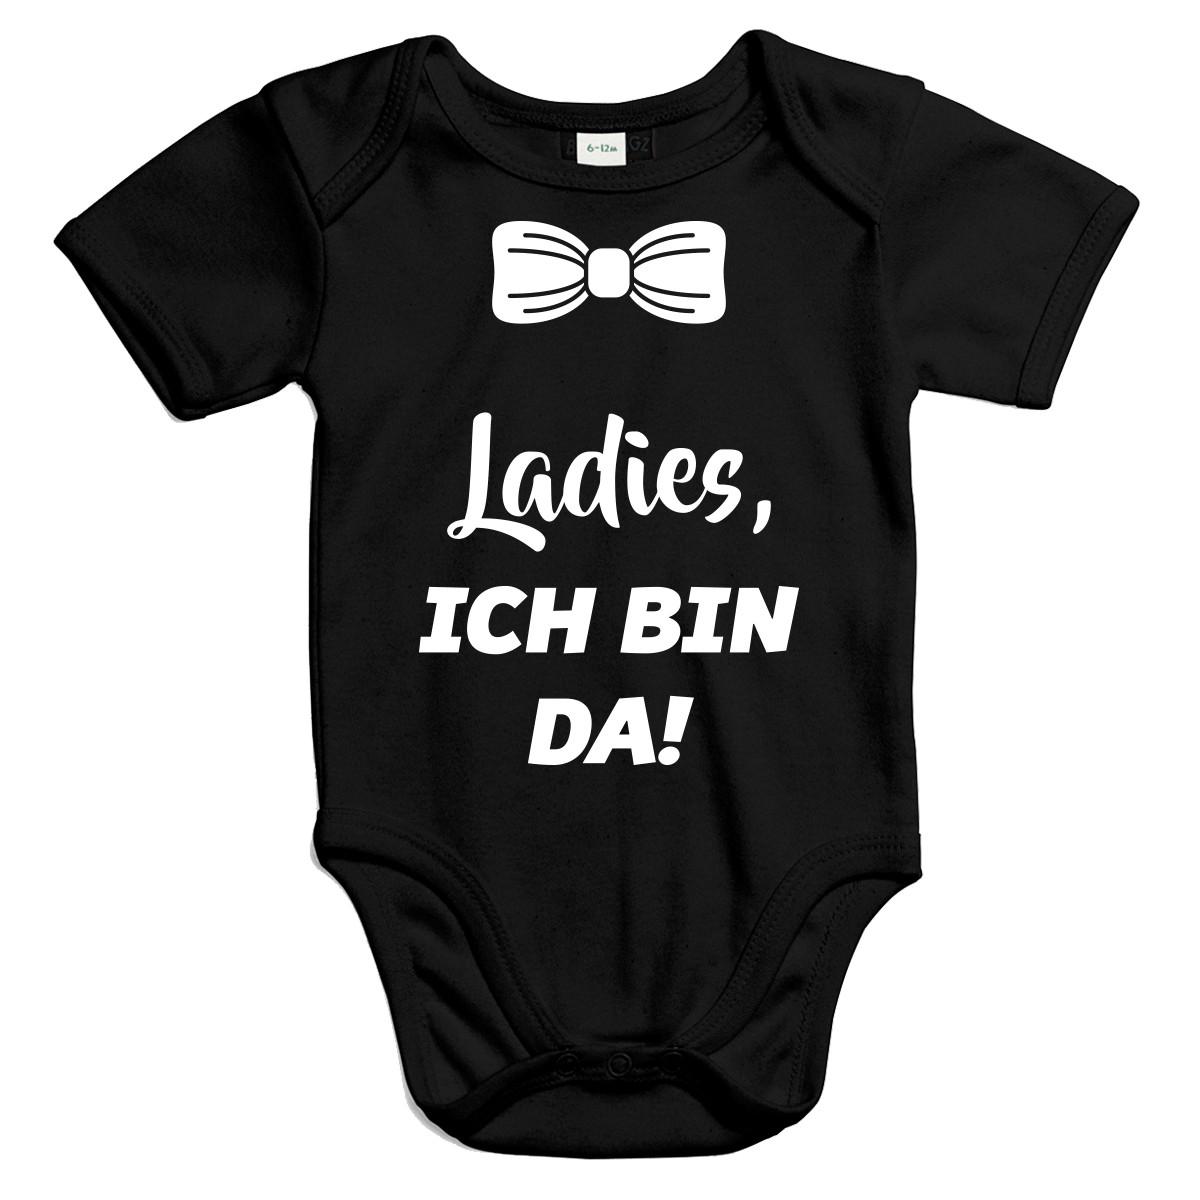 Ladies, ich bin da! - Baby Kurzarm Body, Größen 0-18 Monate Bio-Baumwolle